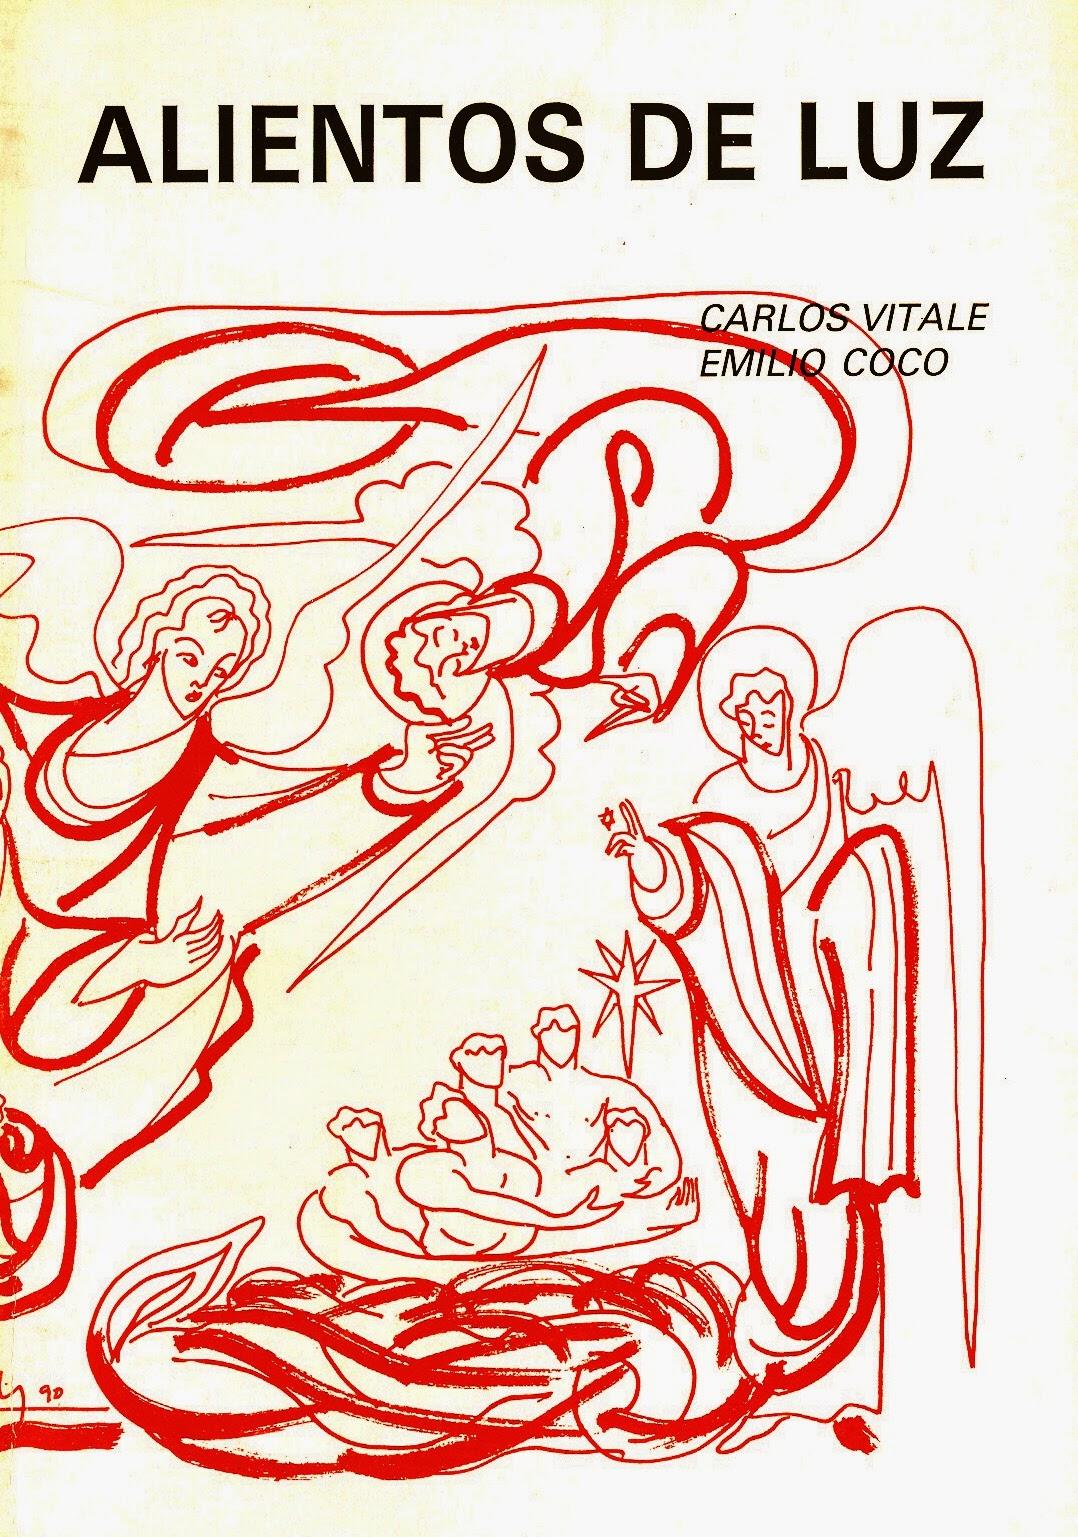 """Emilio Coco y Carlos Vitale, """"Alientos de luz"""". Col. Gárgola de Poesía. Ed. El Toro de Barro, Carboneras del Guadazón, 1984. edicioneseltorodebarro@yahoo.es"""